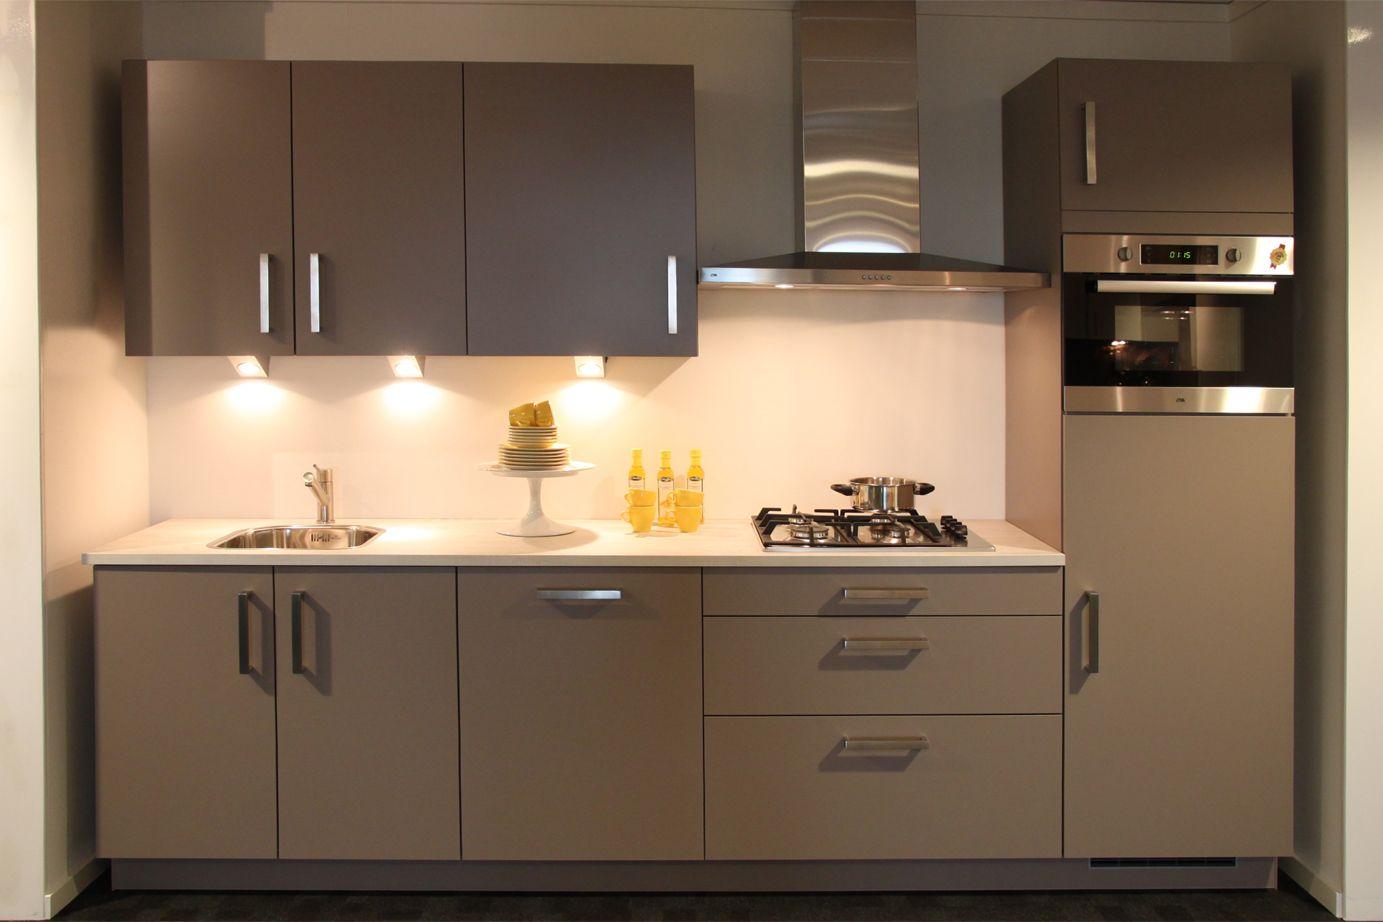 Keukens Rechte Opstelling : Rechte keuken Praktische opstelling DB Keukens